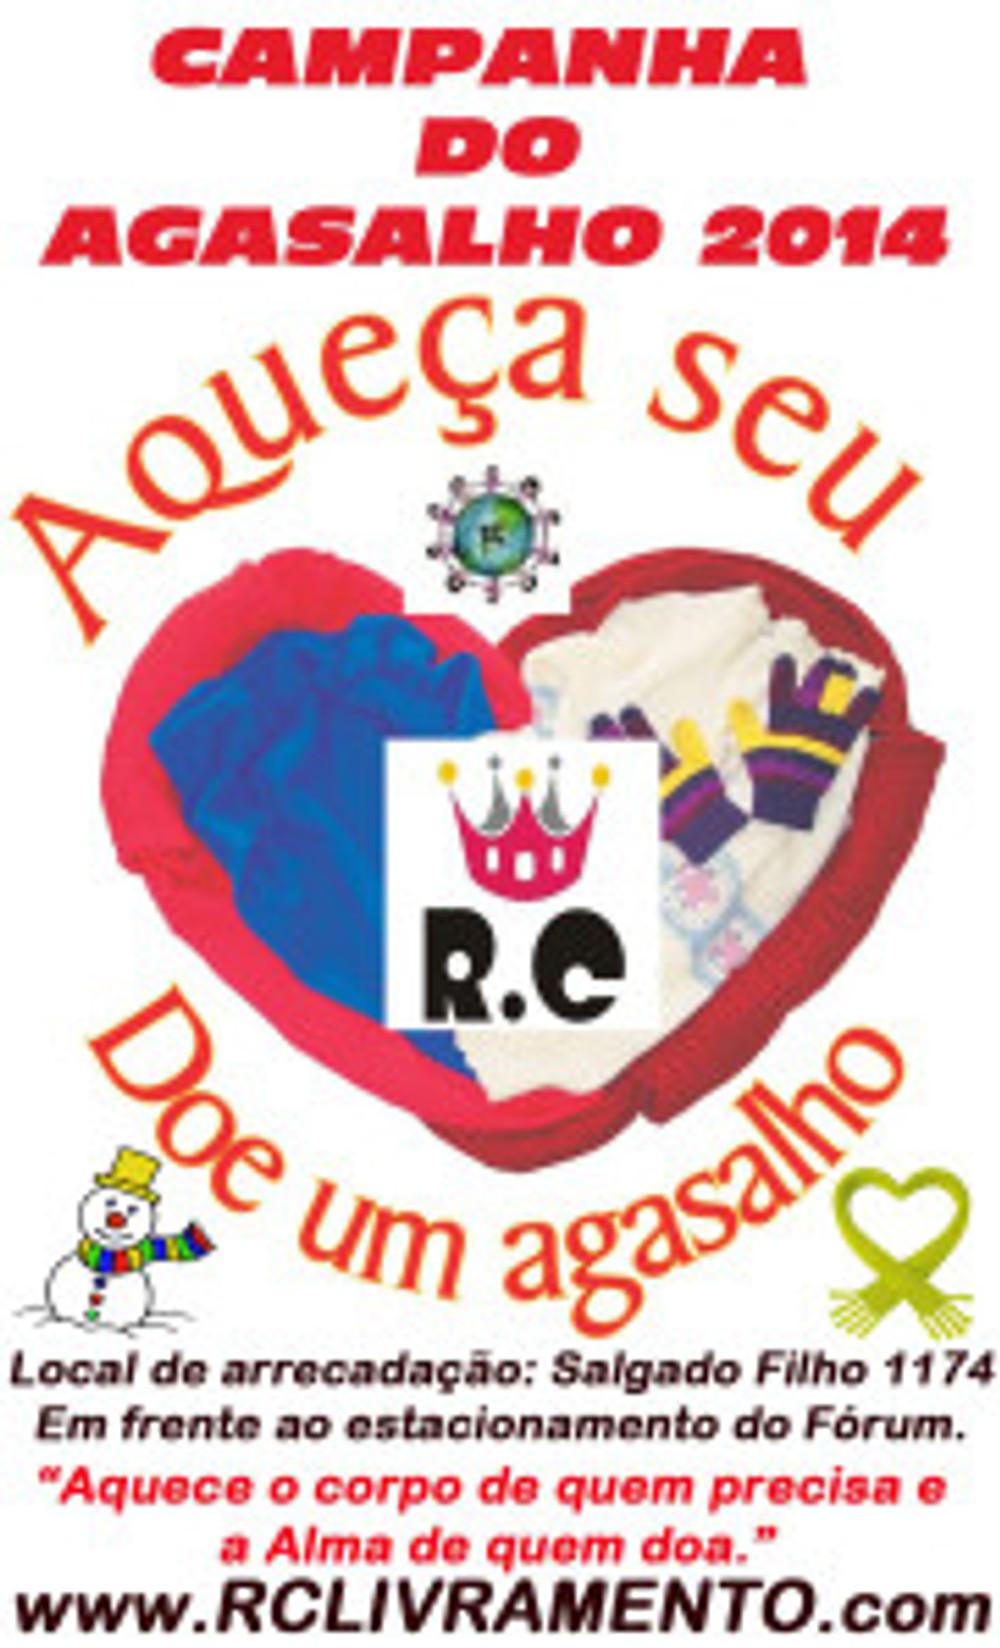 Campanha do Agasalho 2014 do RC Livramento